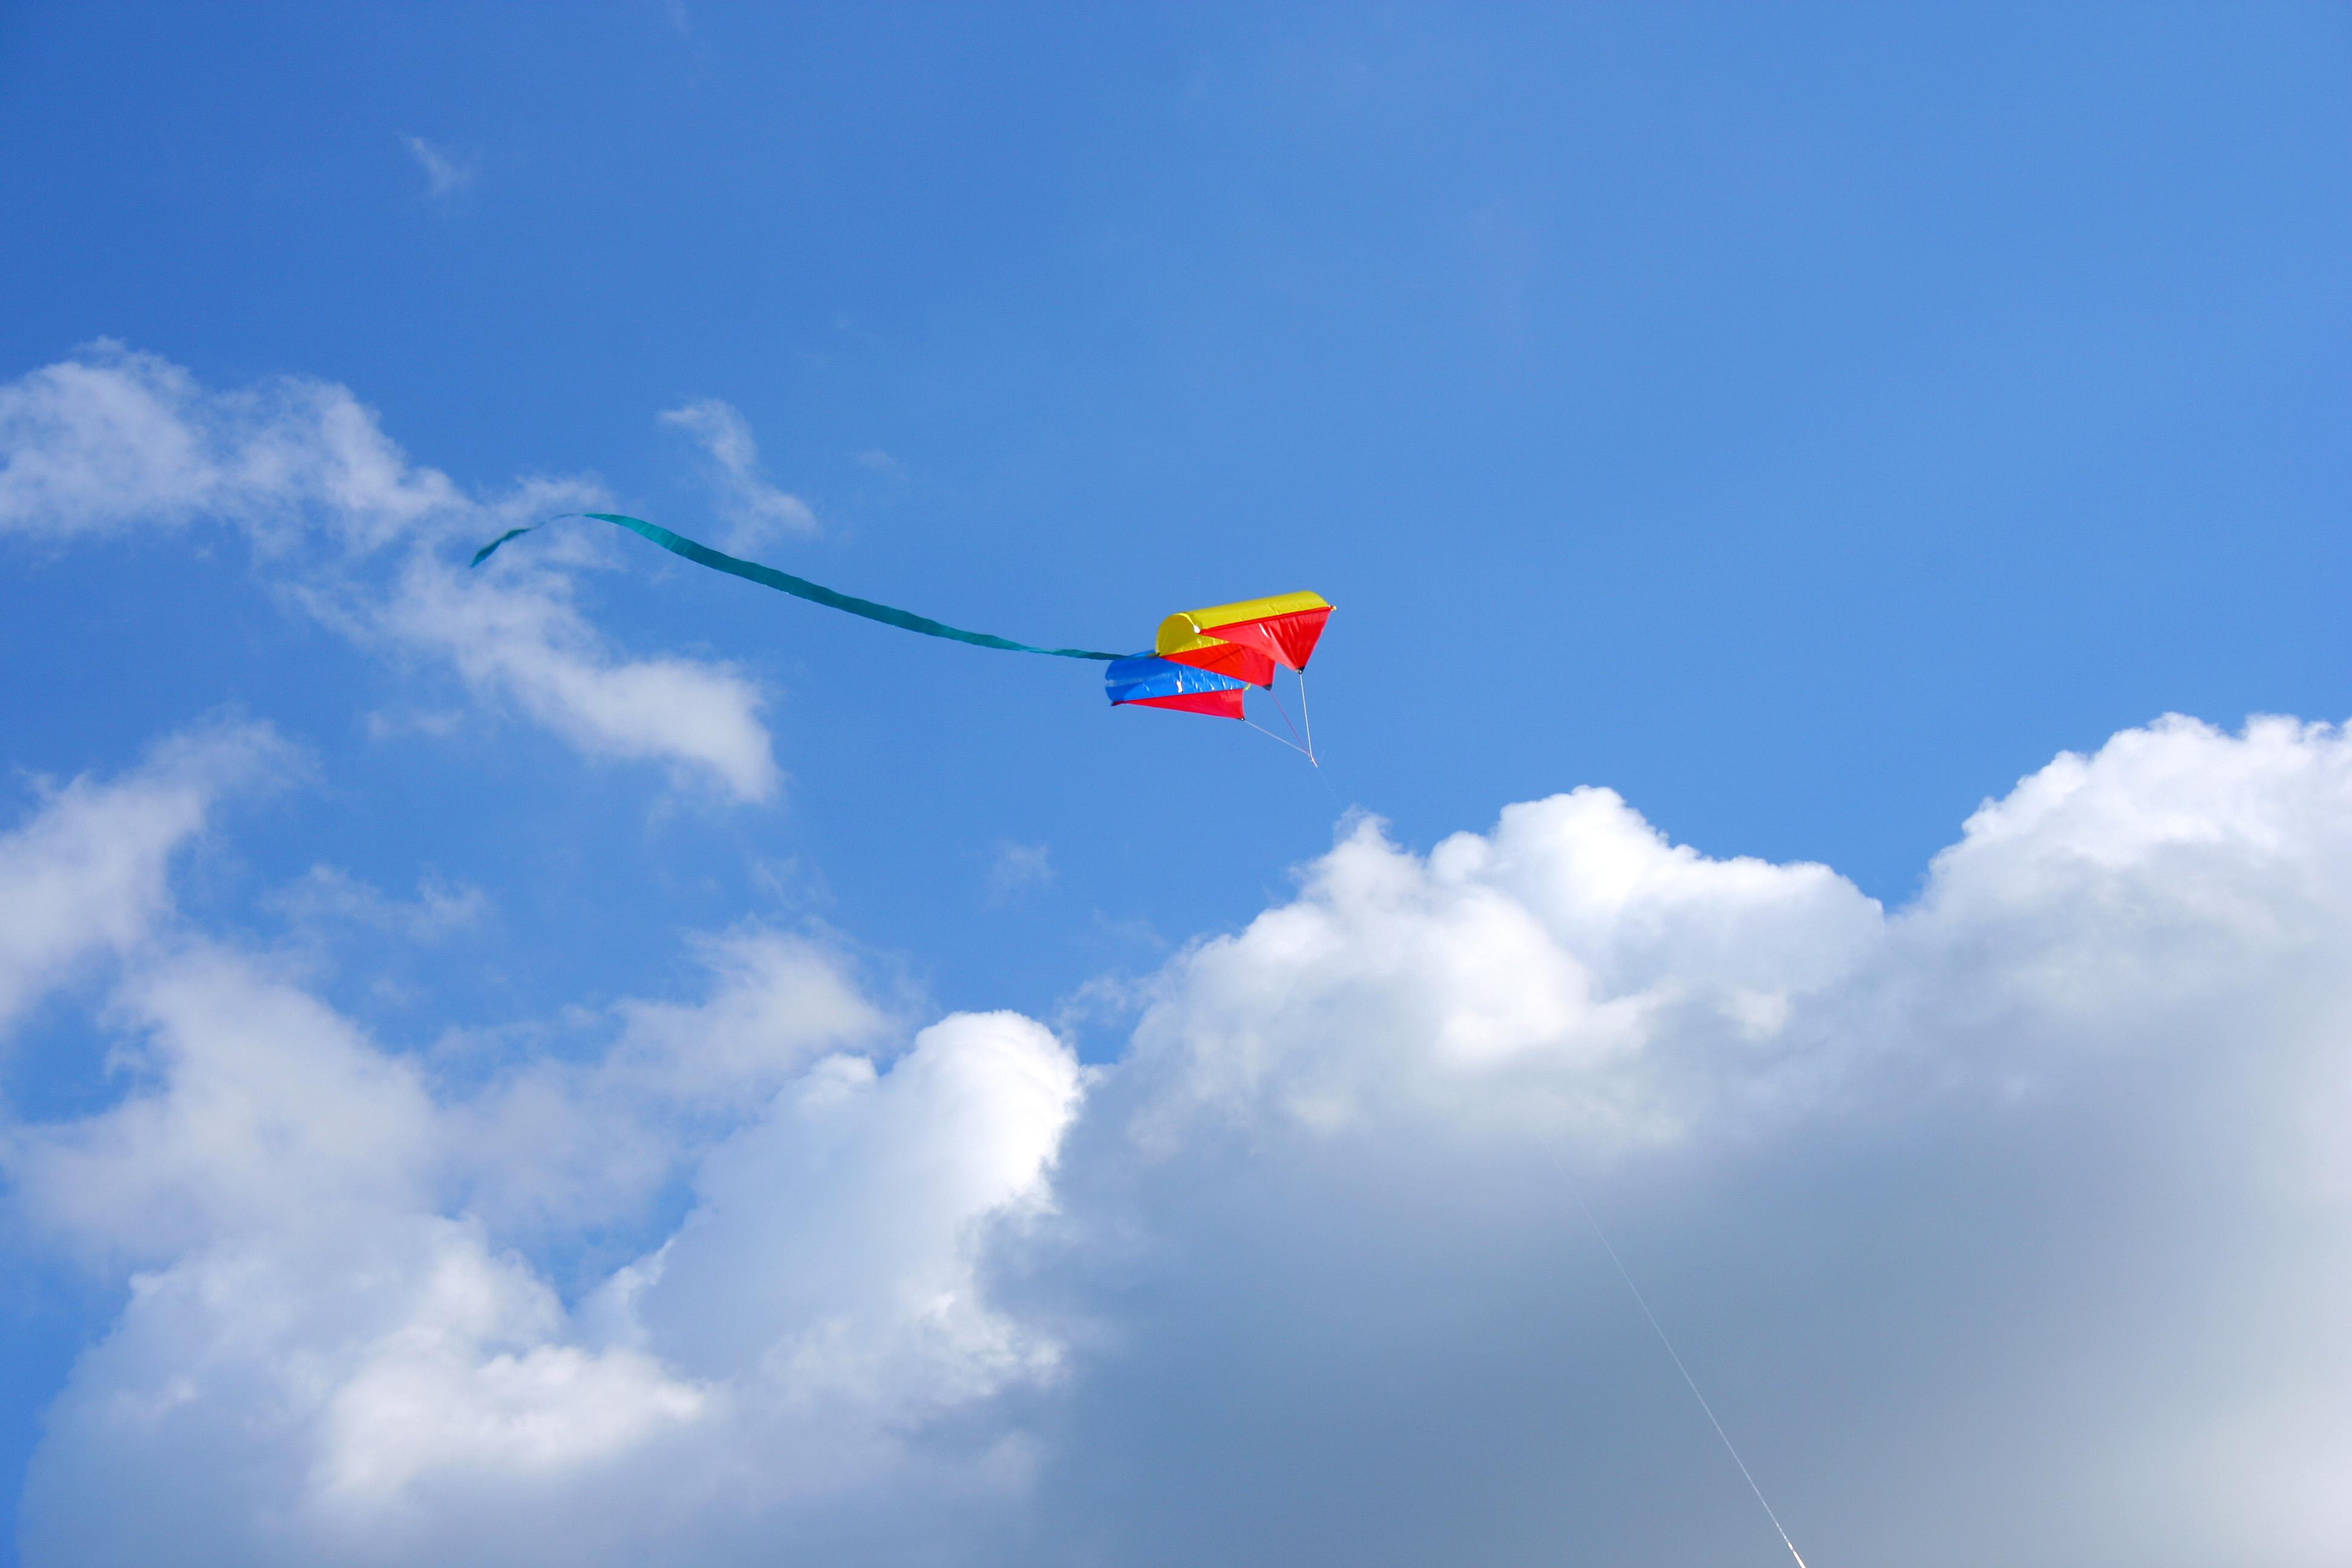 """imatge: """"Kite on the sky"""" de Dariusz Dembinski (www.sxc.hu)"""